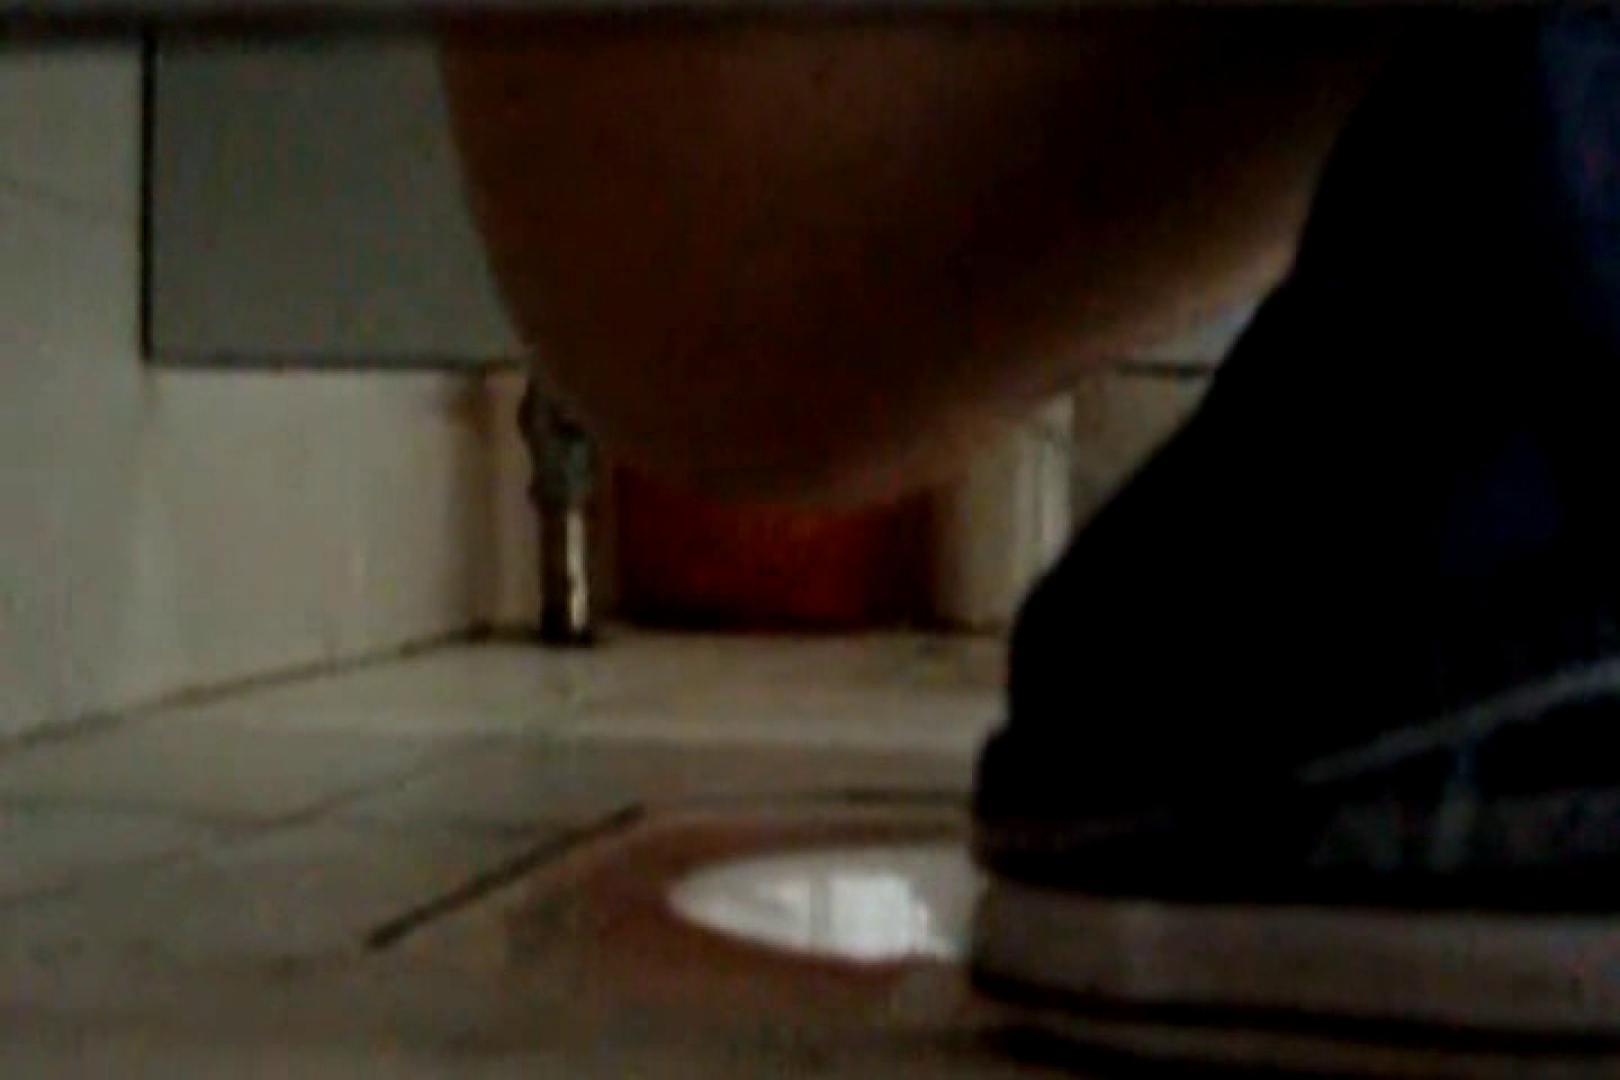 ぼっとん洗面所スペシャルVol.5 OLセックス | おまんこ無修正  82画像 25